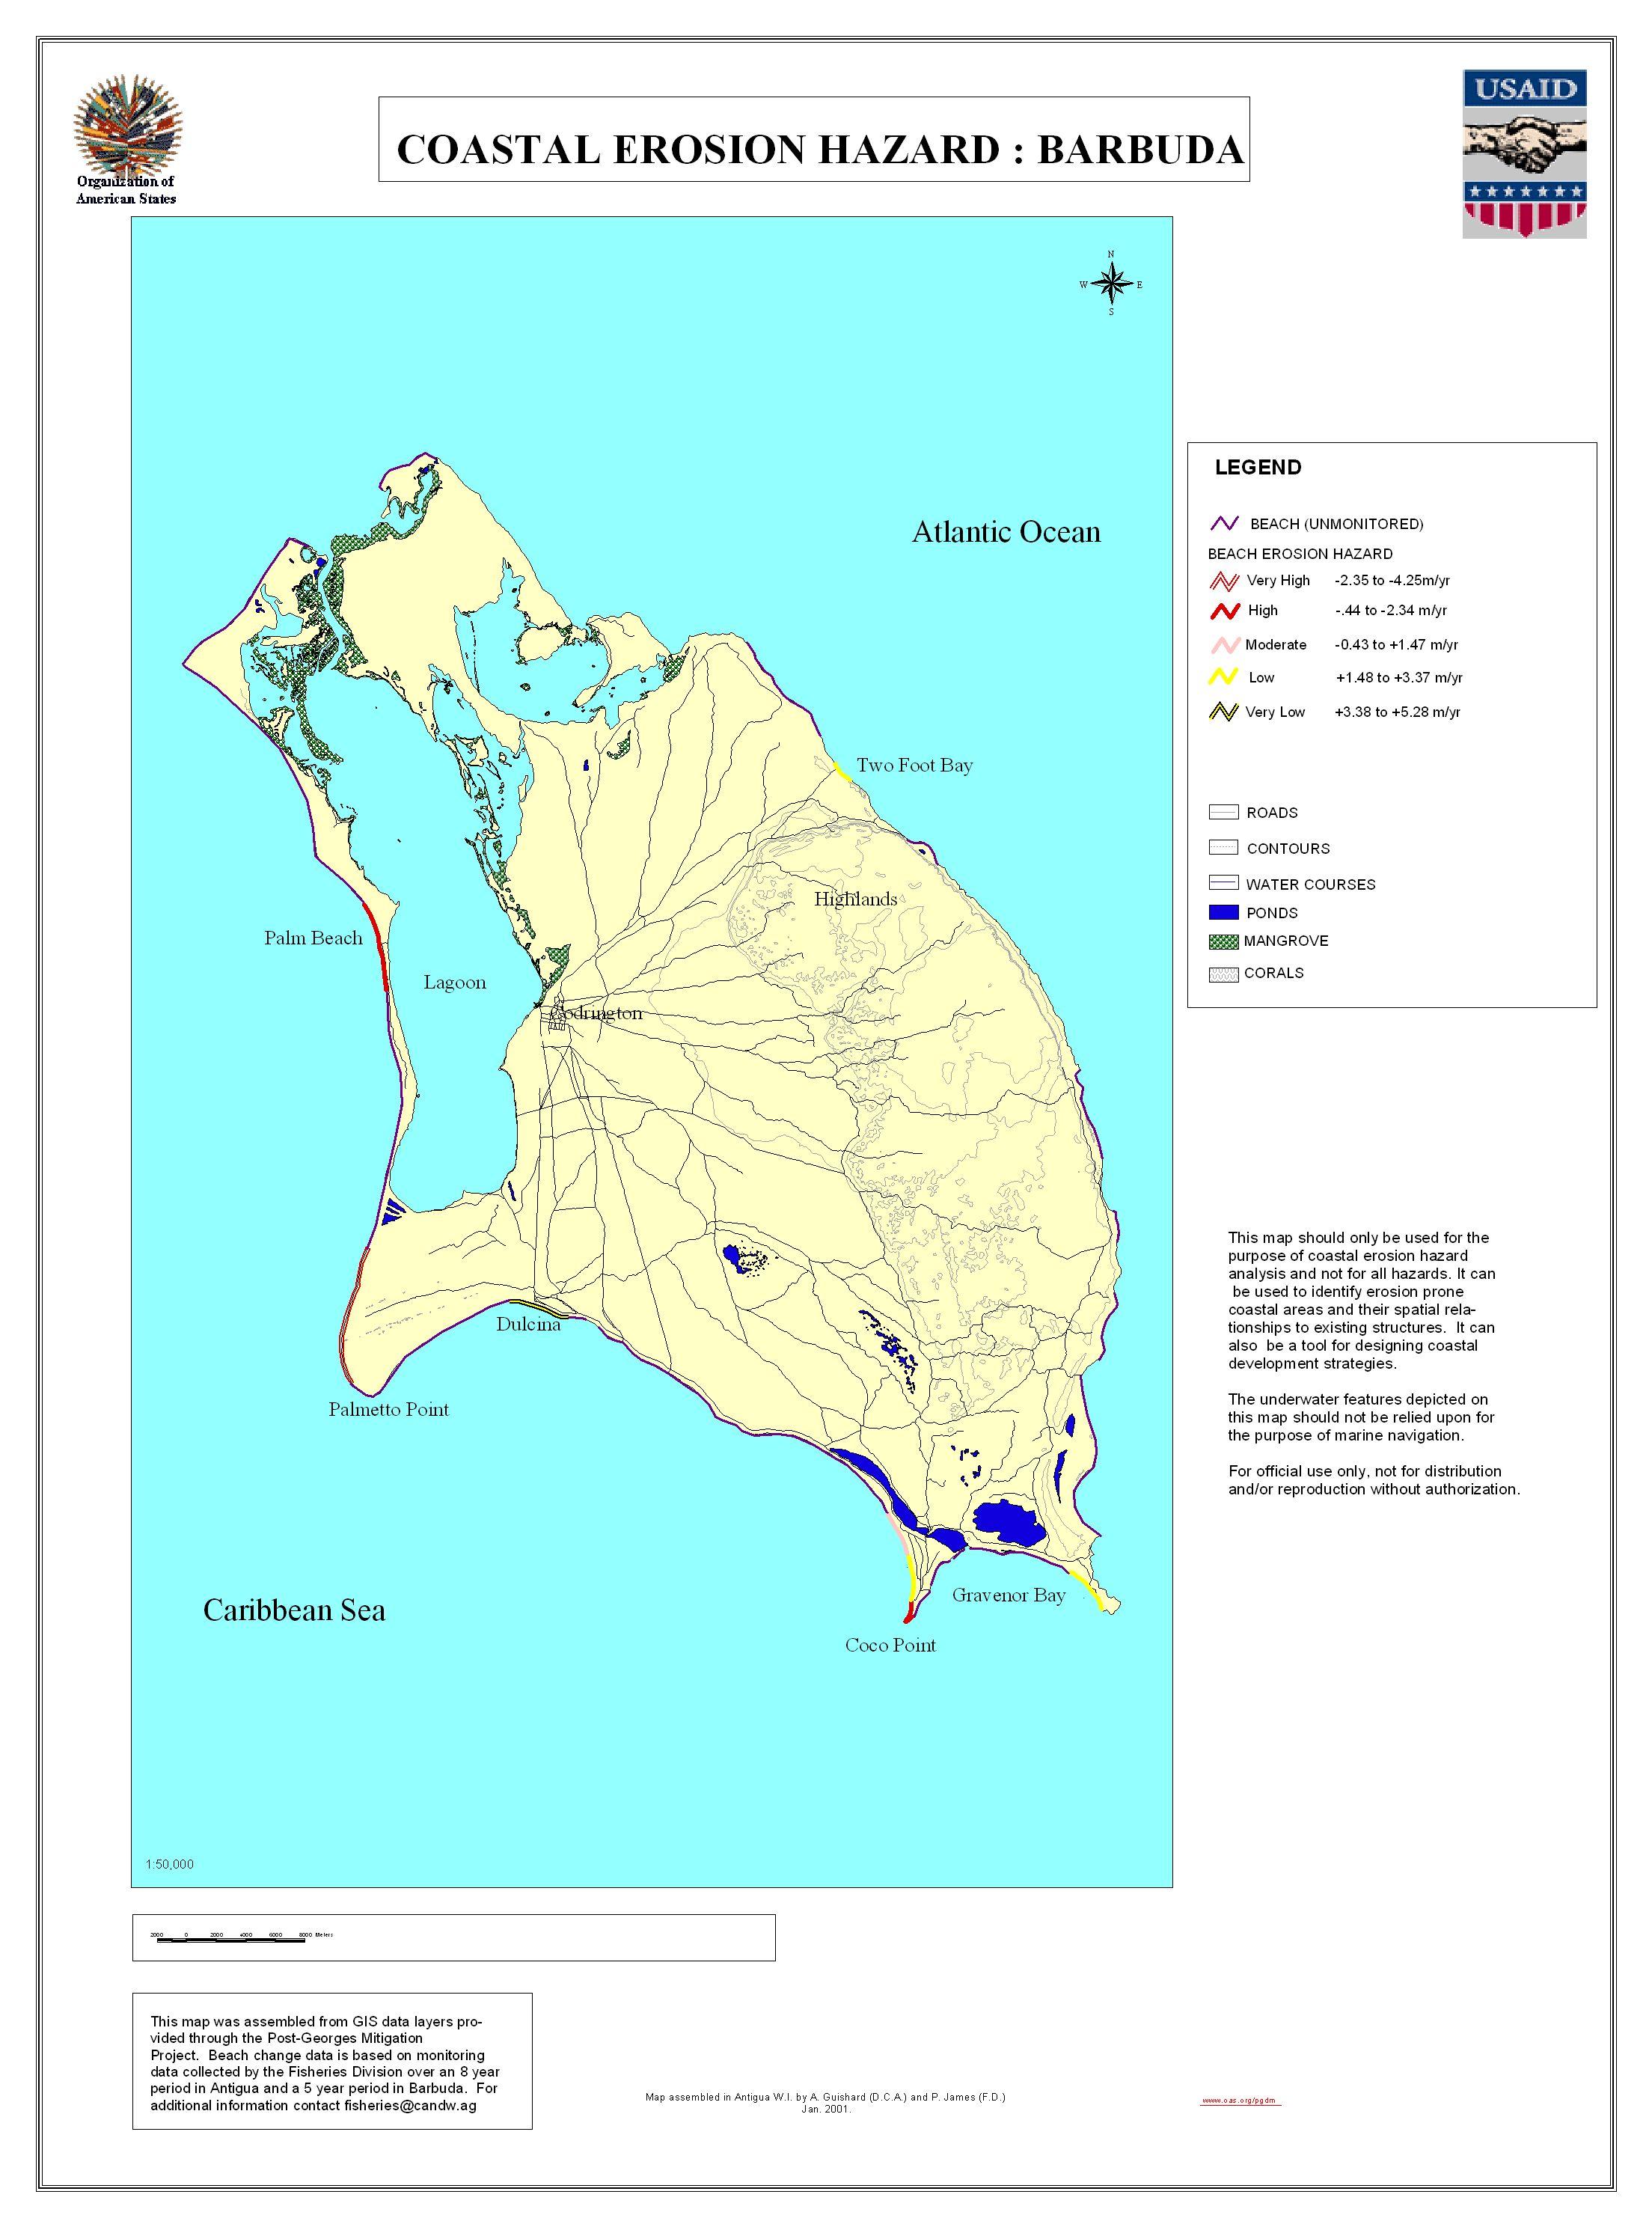 Impressum - Antigua barbuda map caribbean sea